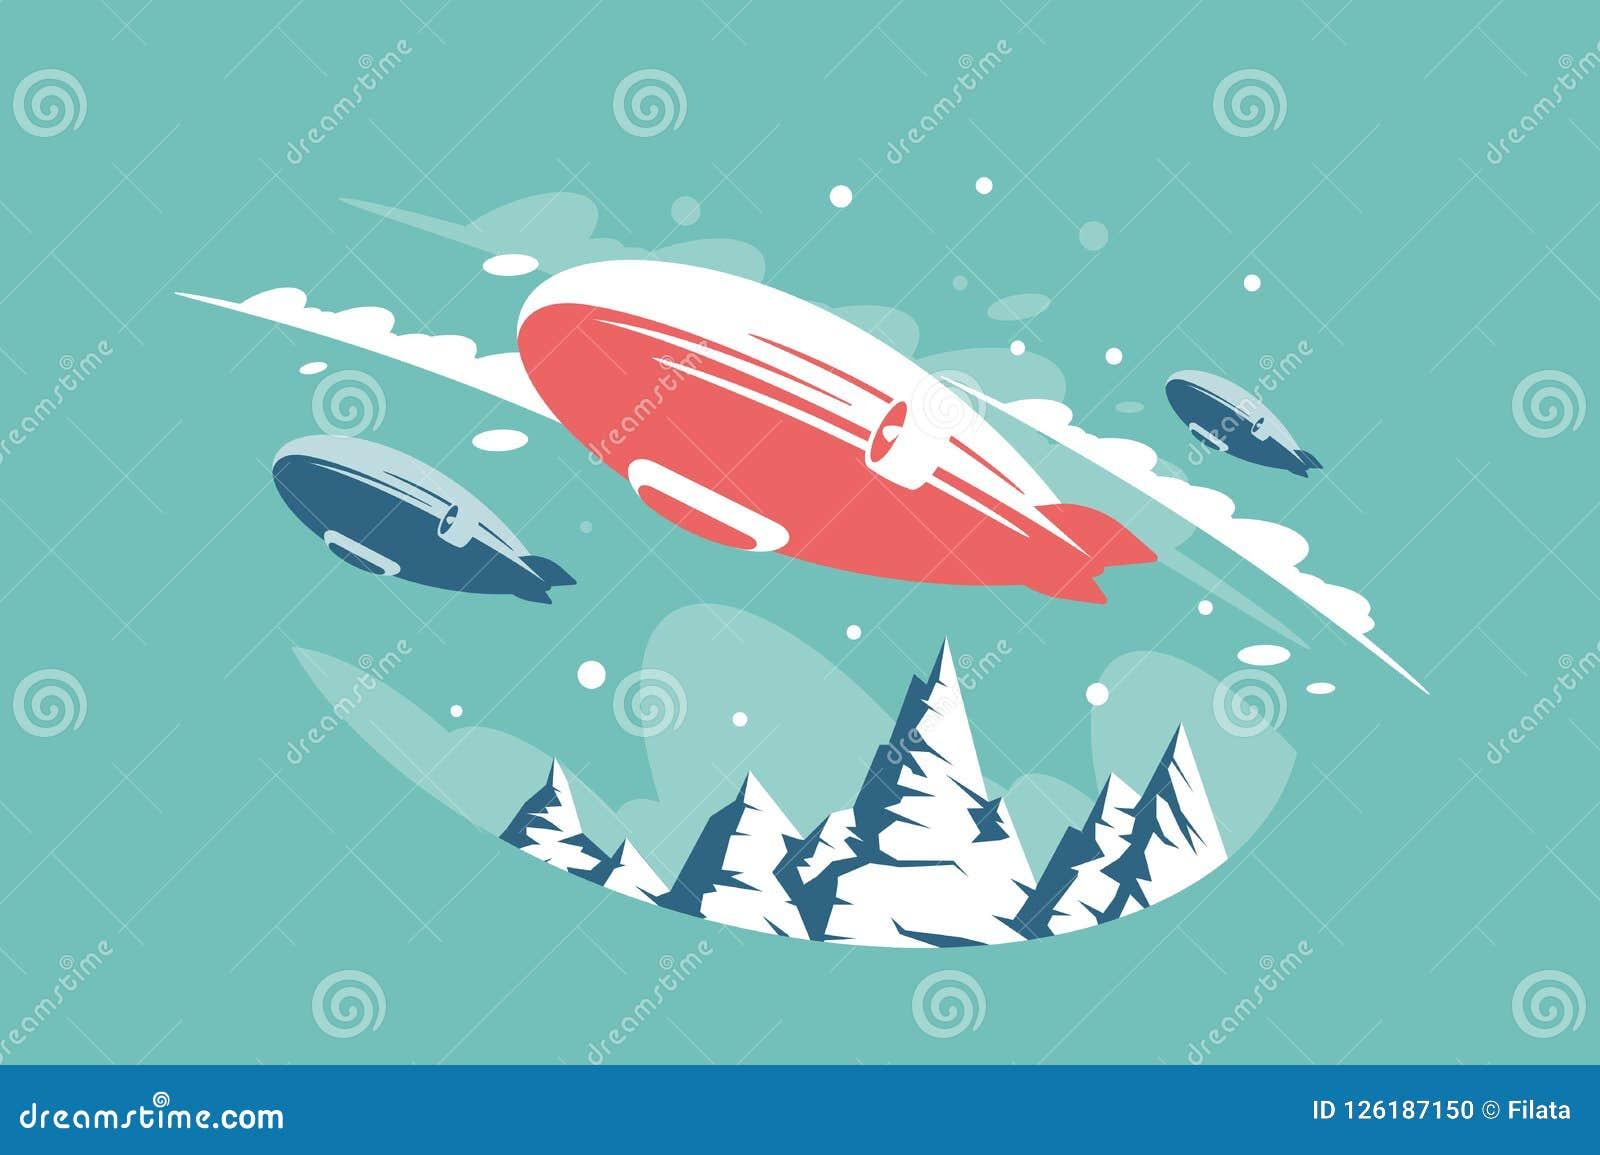 Luchtschepen in lucht boven sneeuwbergen